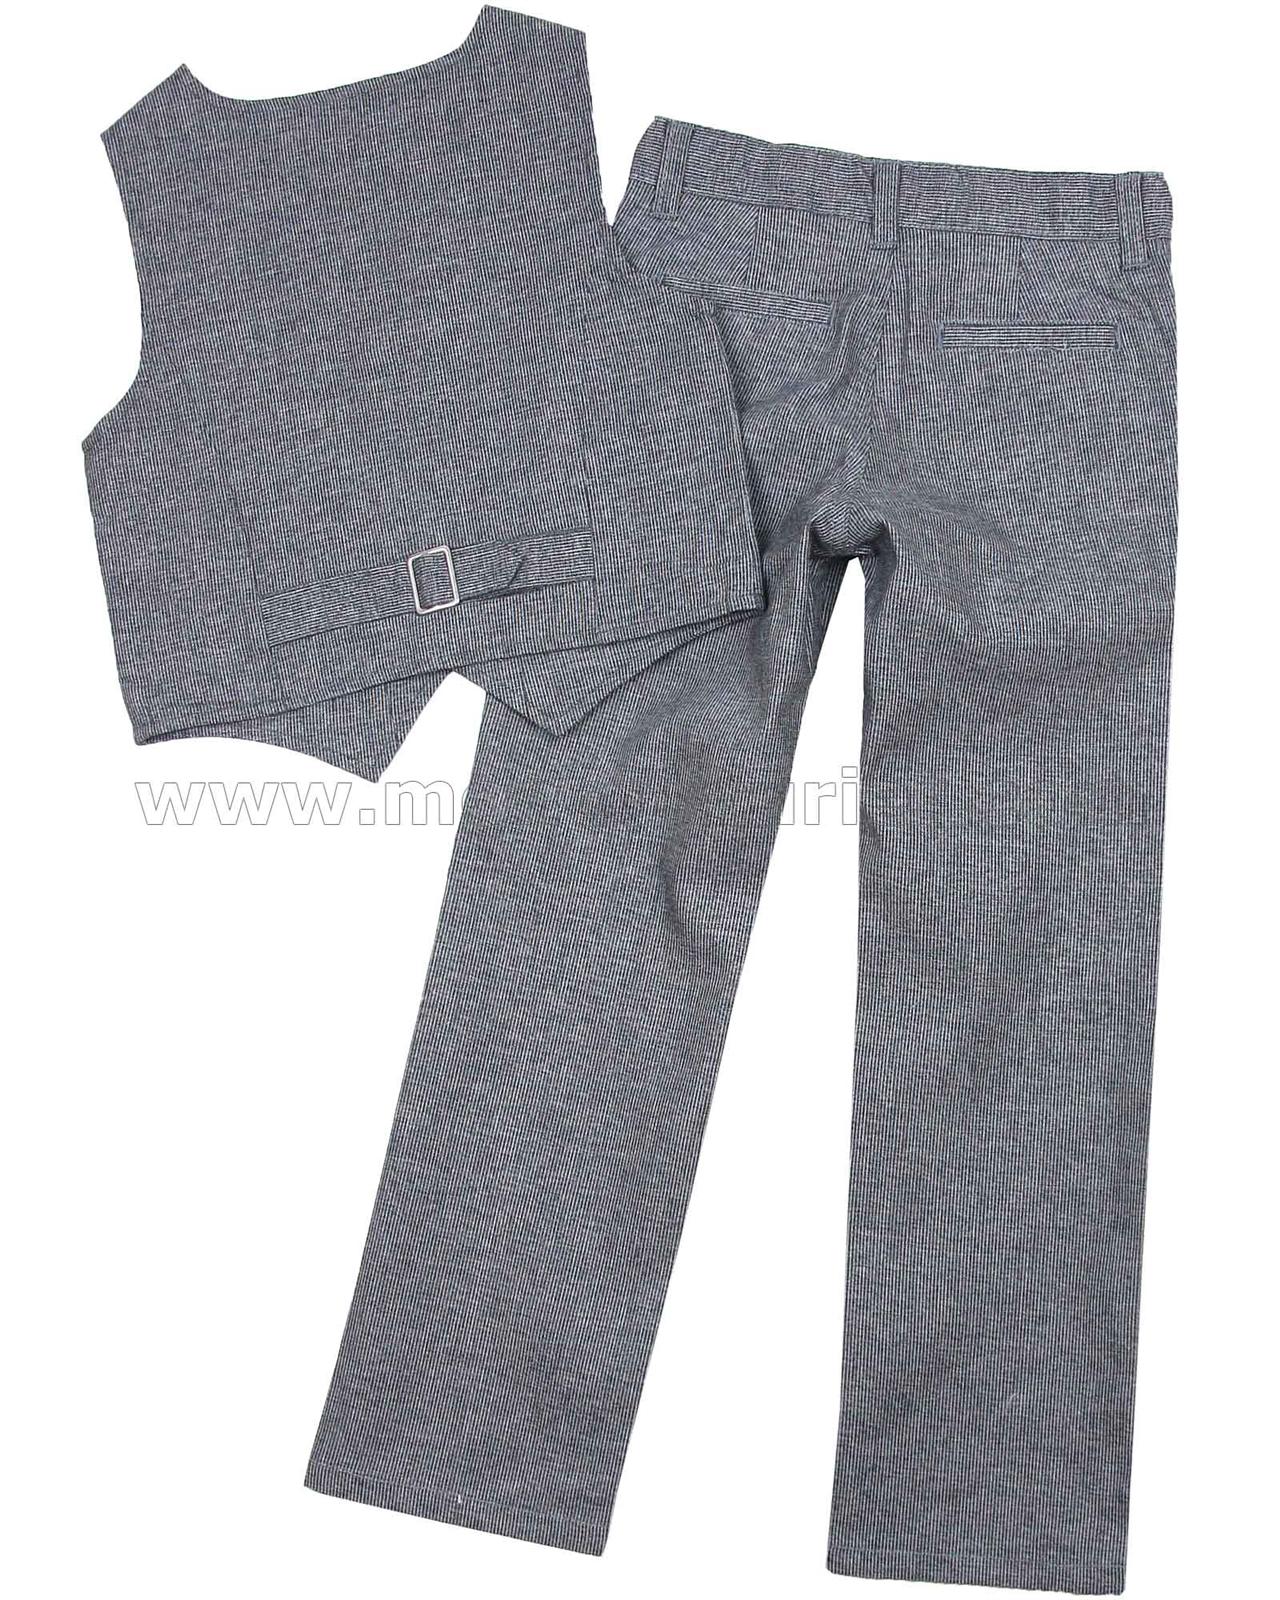 Black Velvet Vest Size 5 Boys